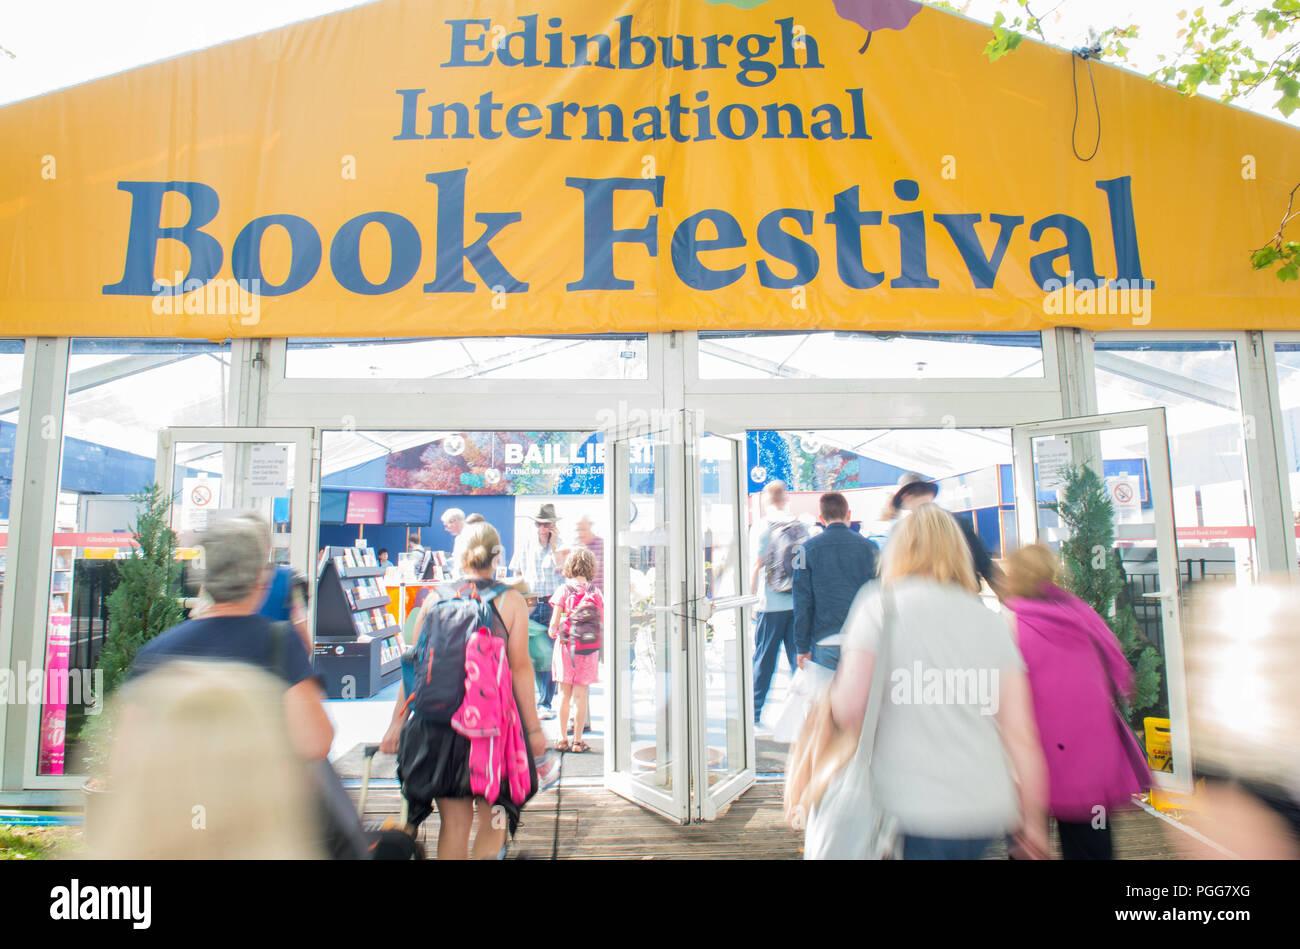 Edinburgh International Book Festival, Charlotte Square Gardens, GV 2017 - Stock Image